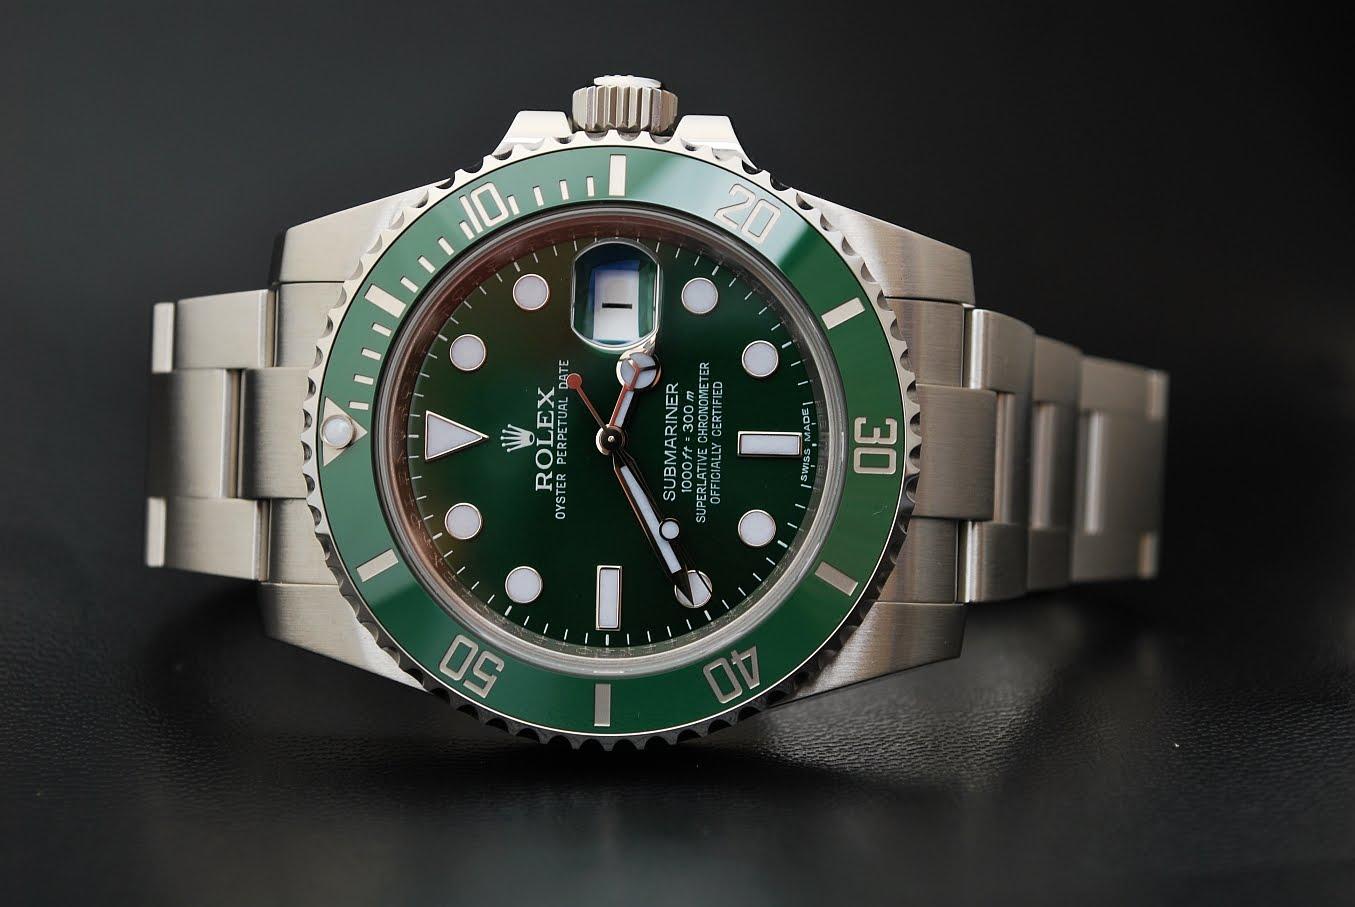 http://www.watchsalecopy.com/